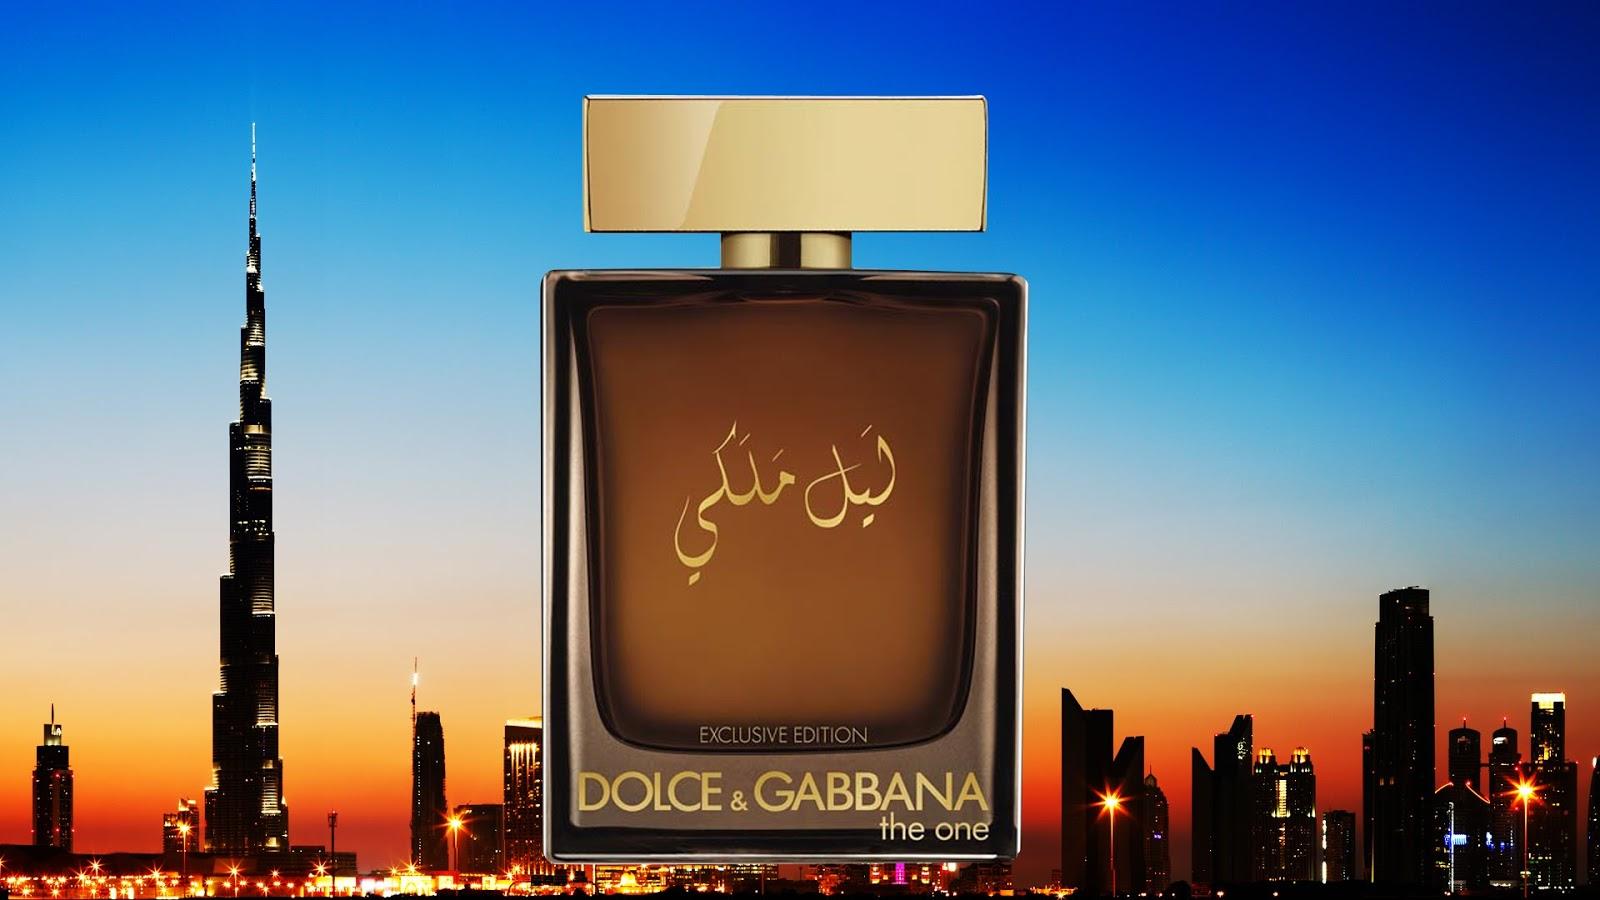 Anunciado como misterioso, sofisticado e extremamente masculino, a nova  fragrância exclusiva da D G, The One Royal Night, representa uma edição  oriental do ... a2dd12671b